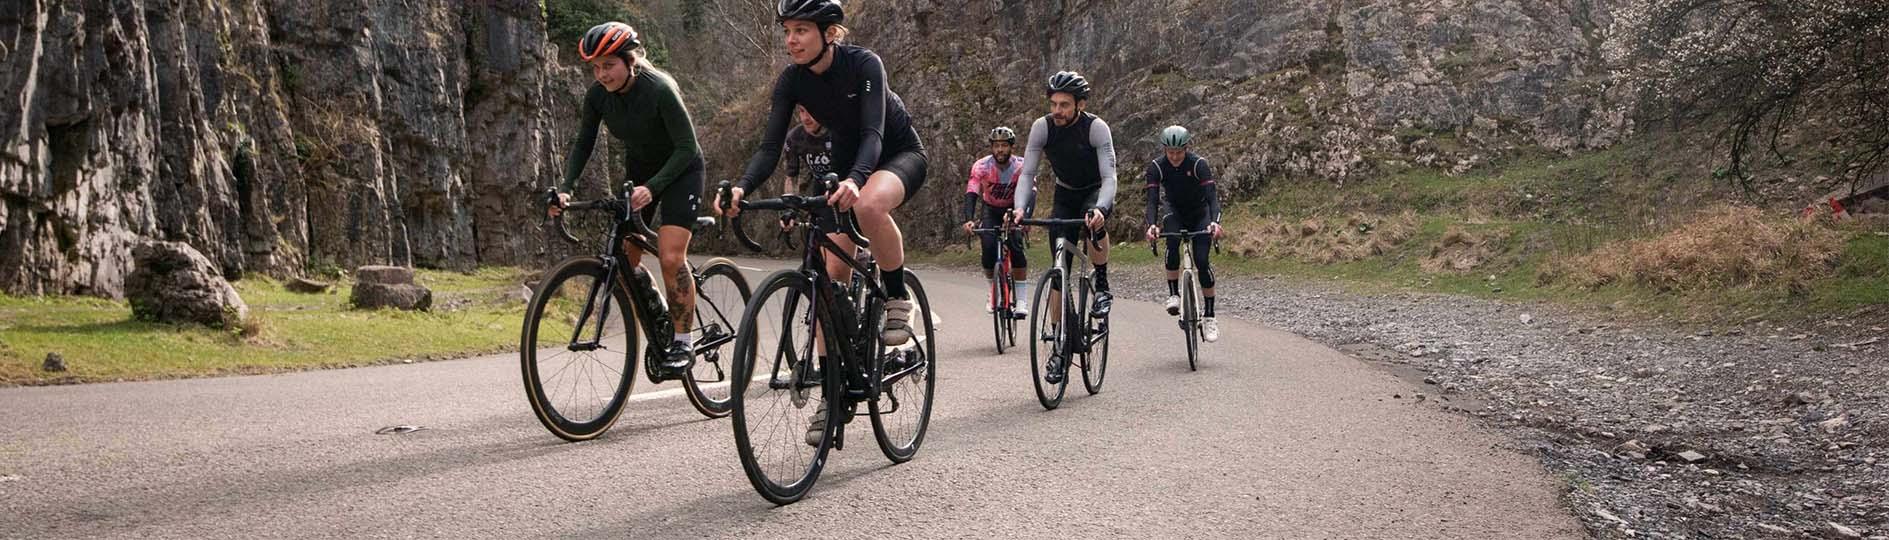 bikmo fahrradversicherung